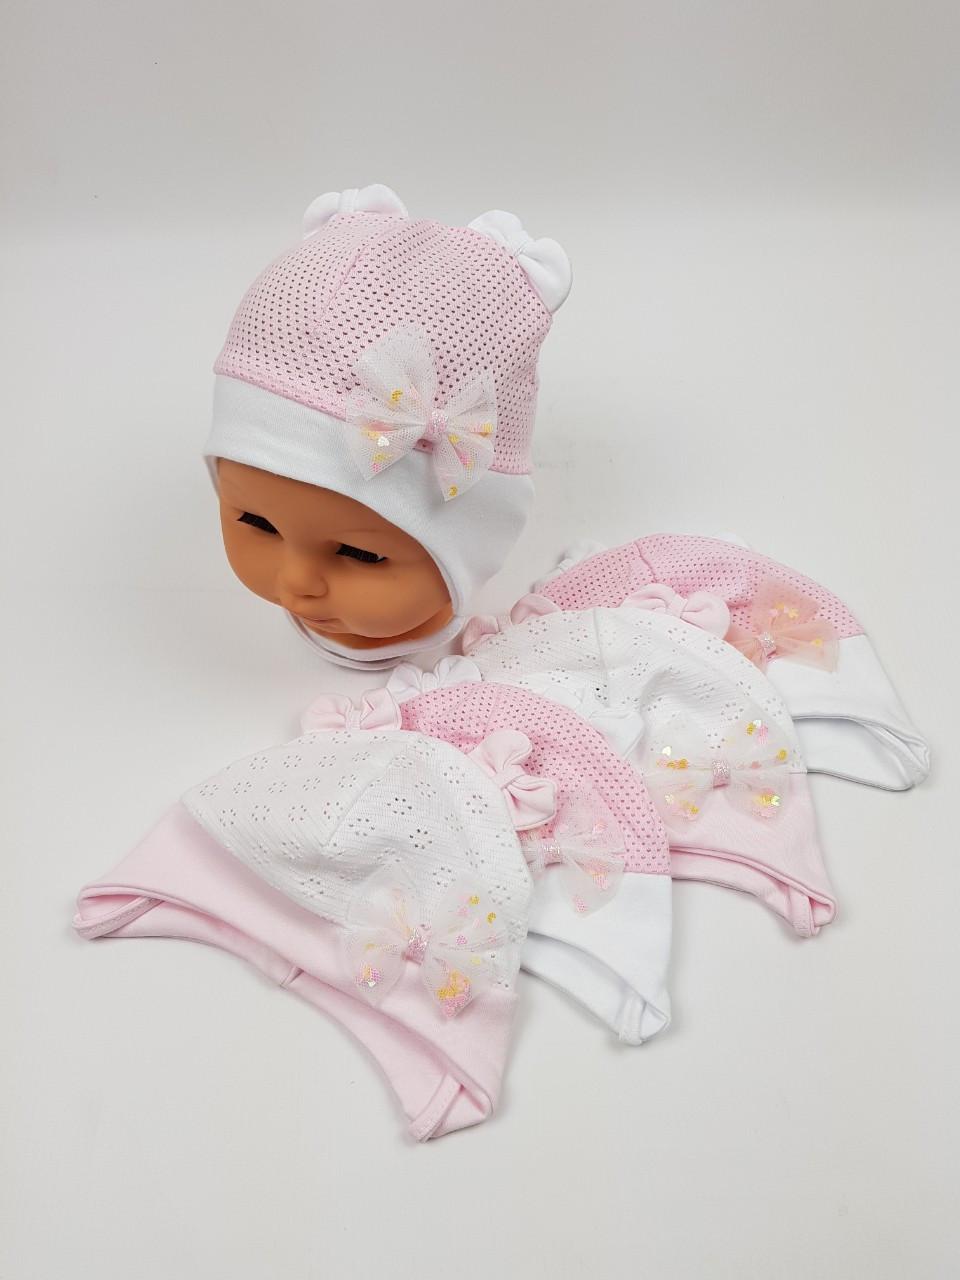 Дитячі польські літні шапки з сіткою оптом для дівчаток, р. 38-40 42-44 Ala Baby